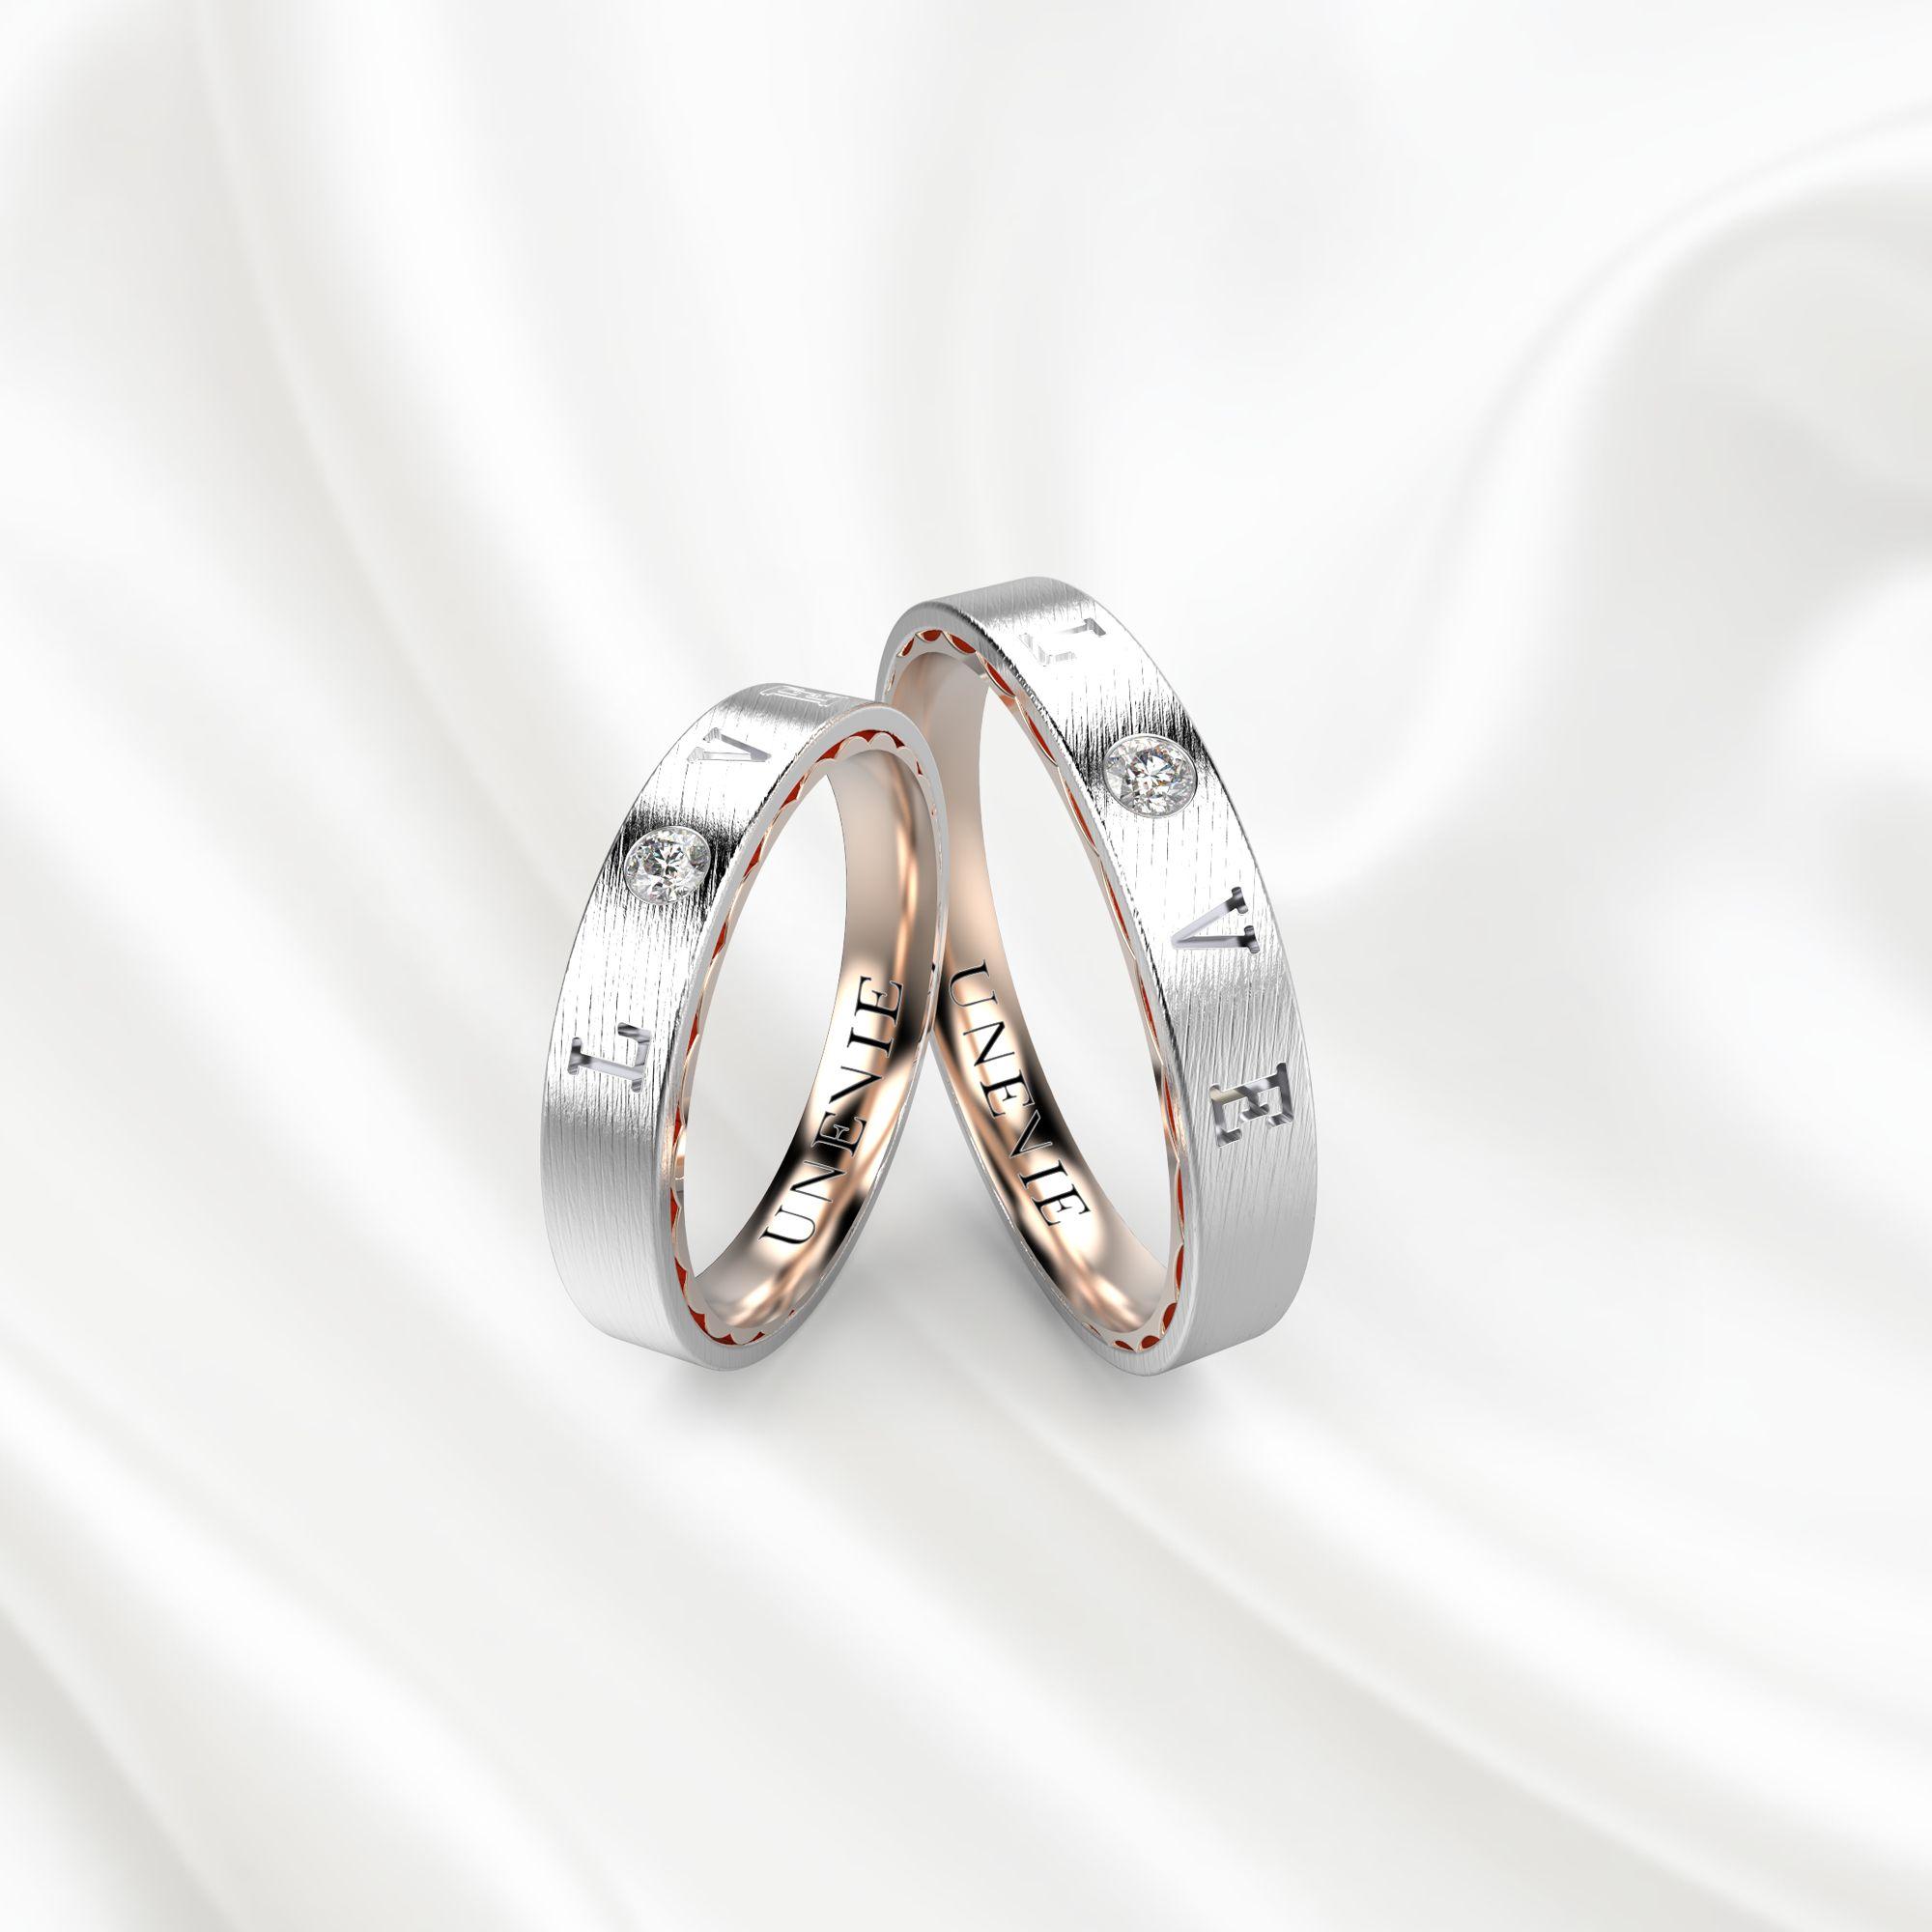 NV18 Обручальные кольца из бело-розового золота